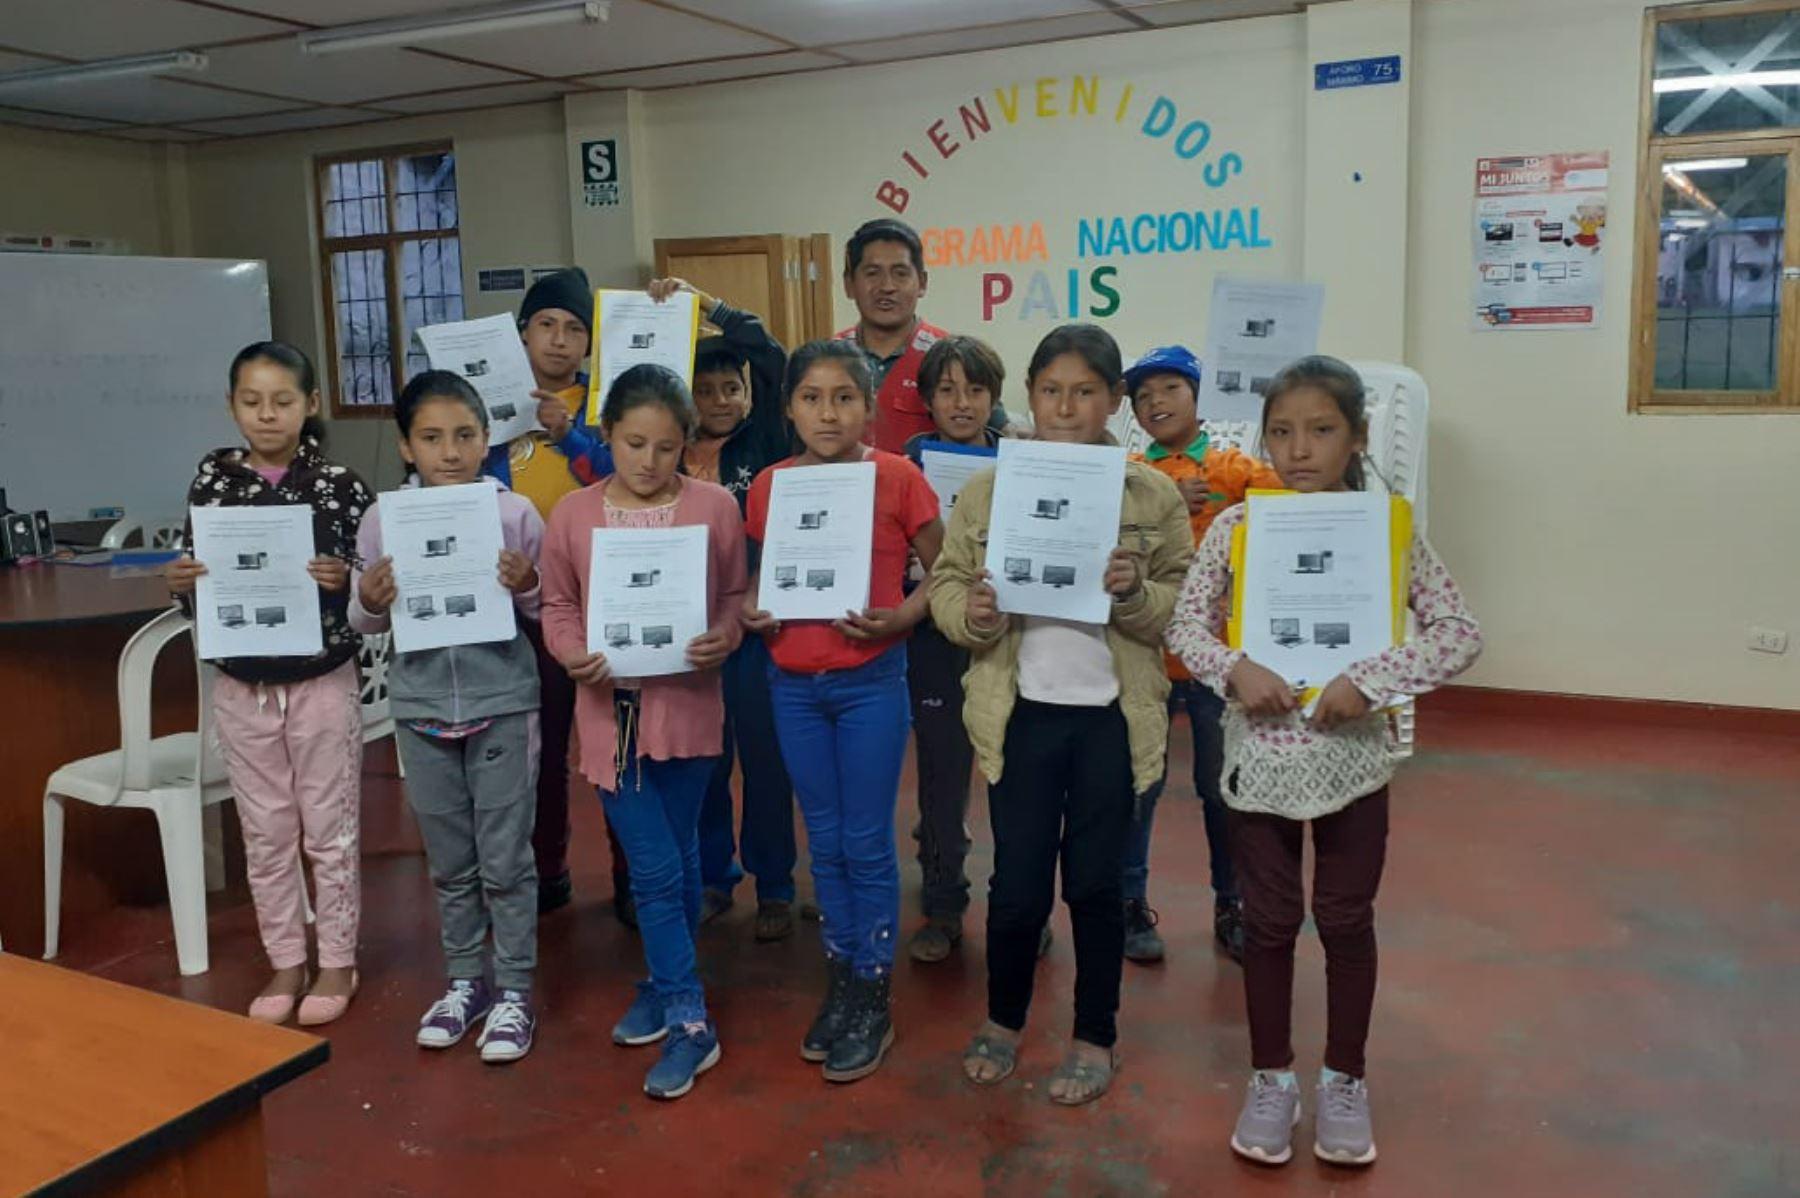 Más de 70 niños y niñas de comunidades rurales alejadas de Apurímac participan por primera vez en talleres de computación durante las 'Vacaciones Útiles' que el Programa Nacional PAIS del Ministerio de Desarrollo e Inclusión Social (Midis) realiza en sus Tambos ubicados en las provincias de Andahuaylas, Aymaraes, Chincheros y Grau.